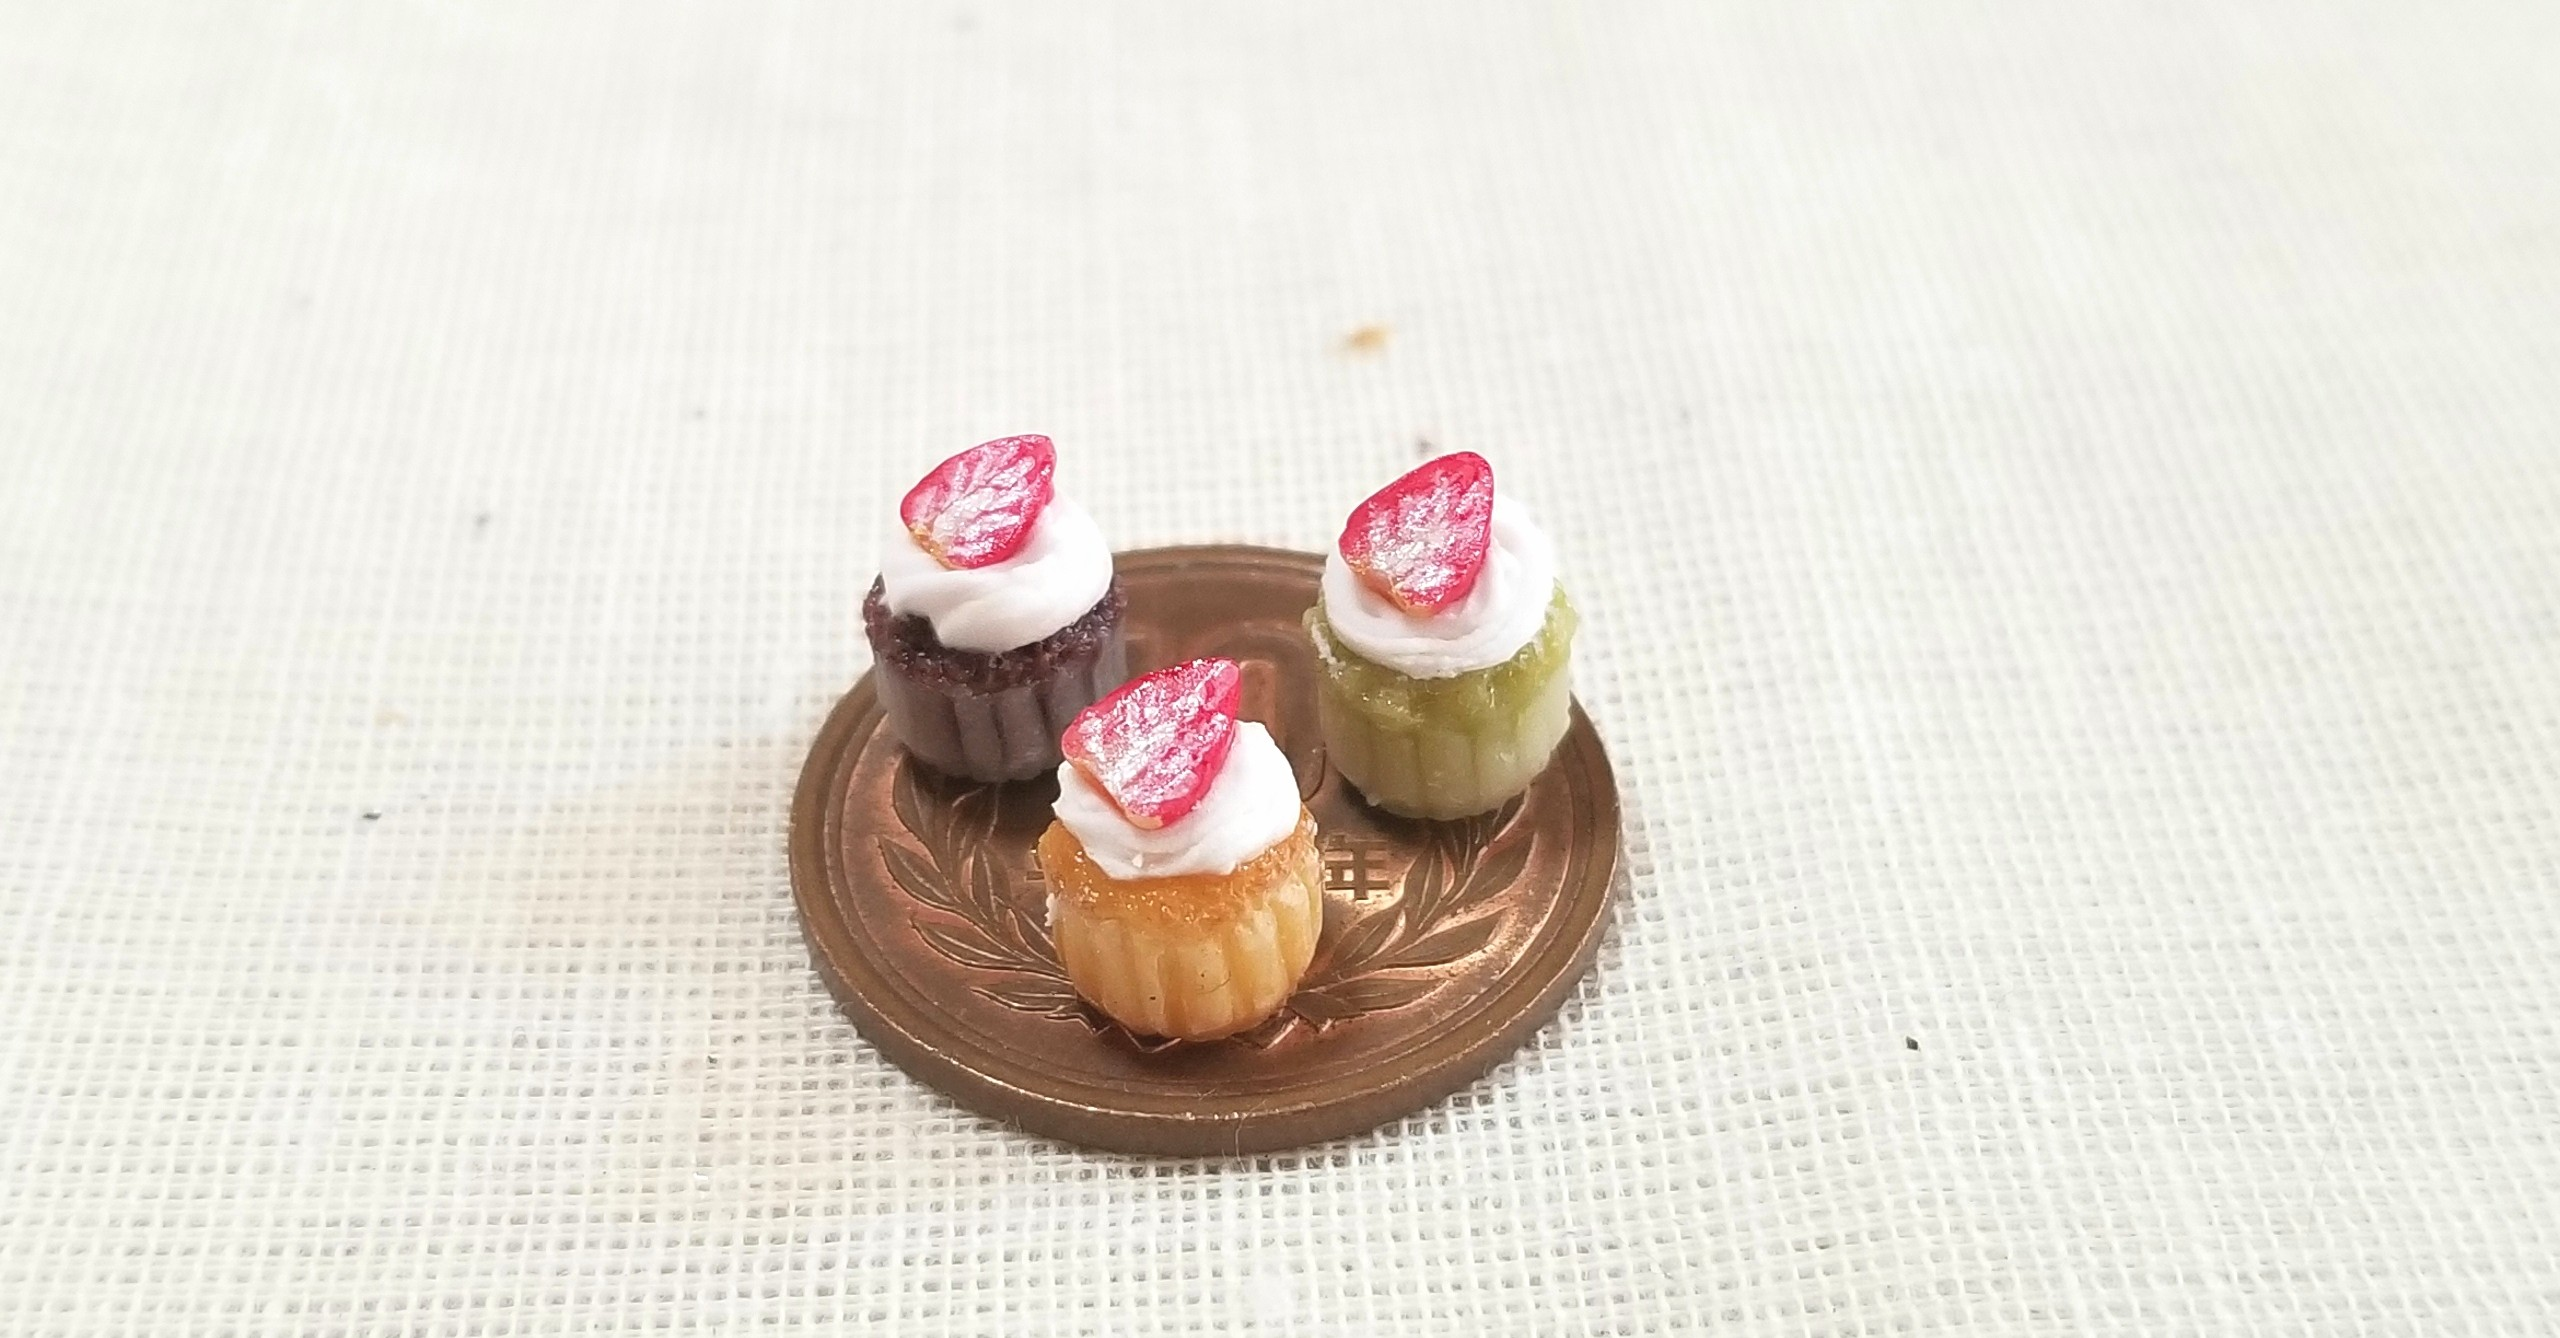 いちご,カップケーキ,樹脂粘土,ミニチュア,食品サンプル,シルバニア